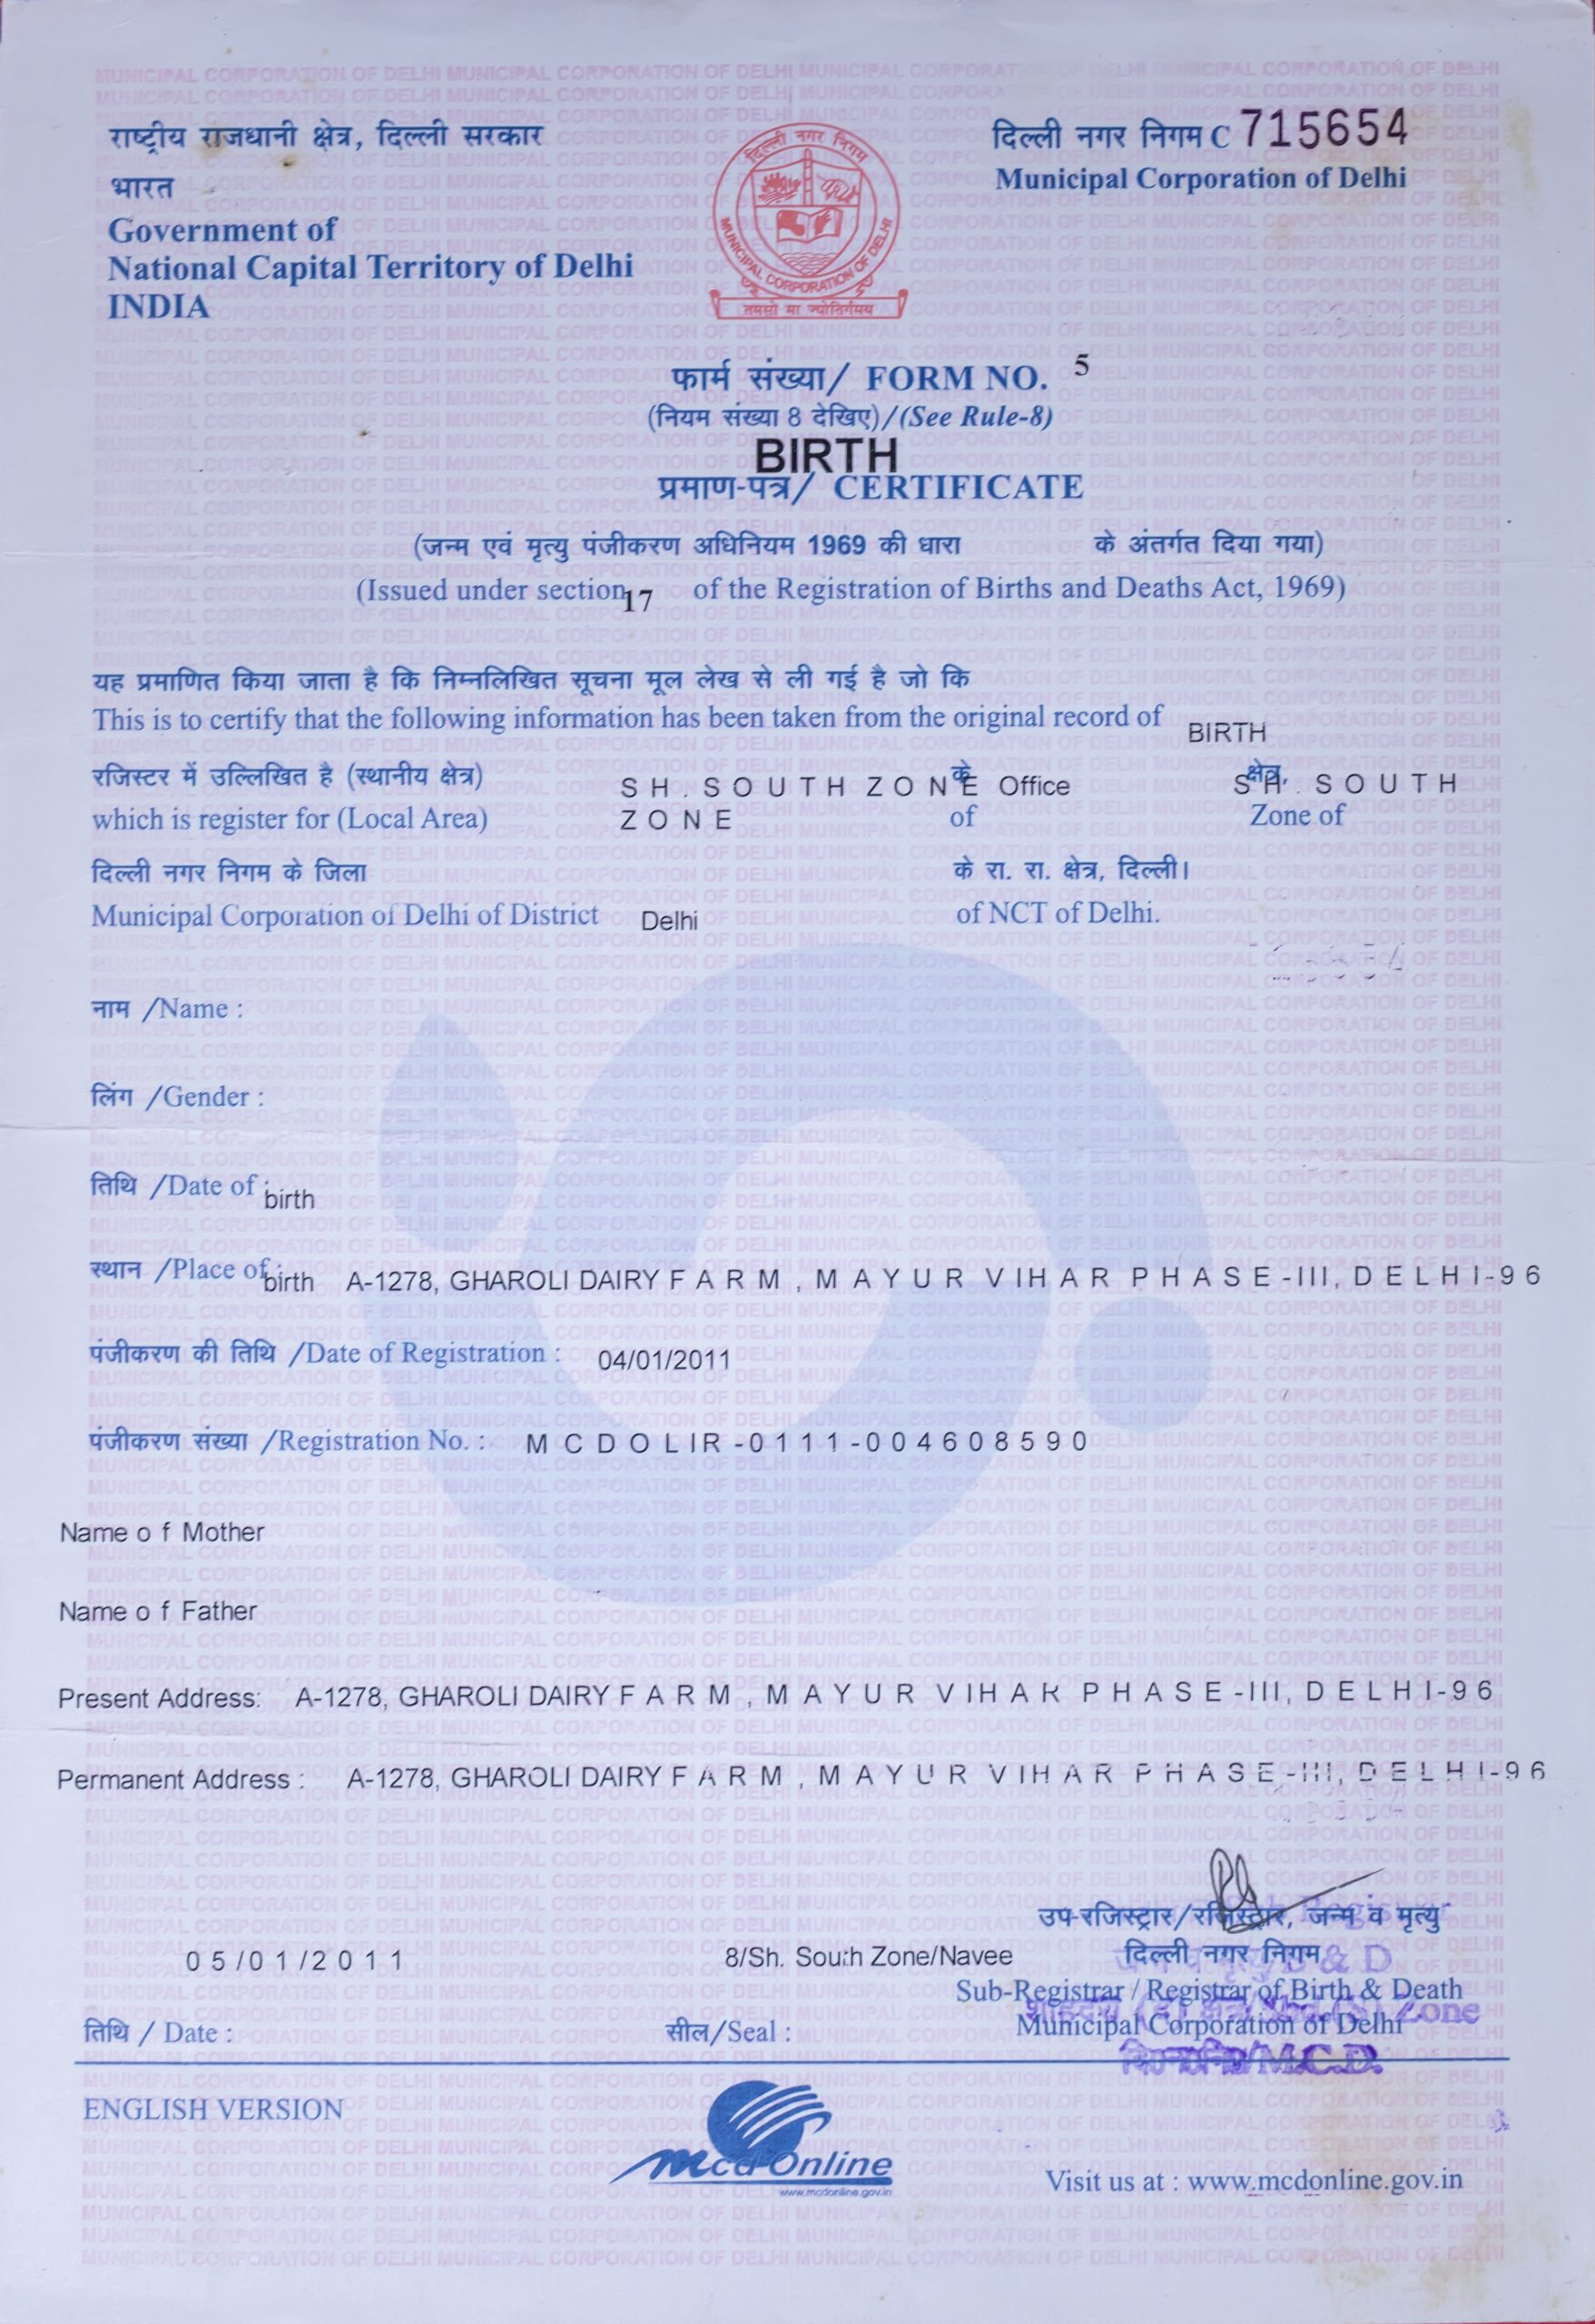 A birth Certificate